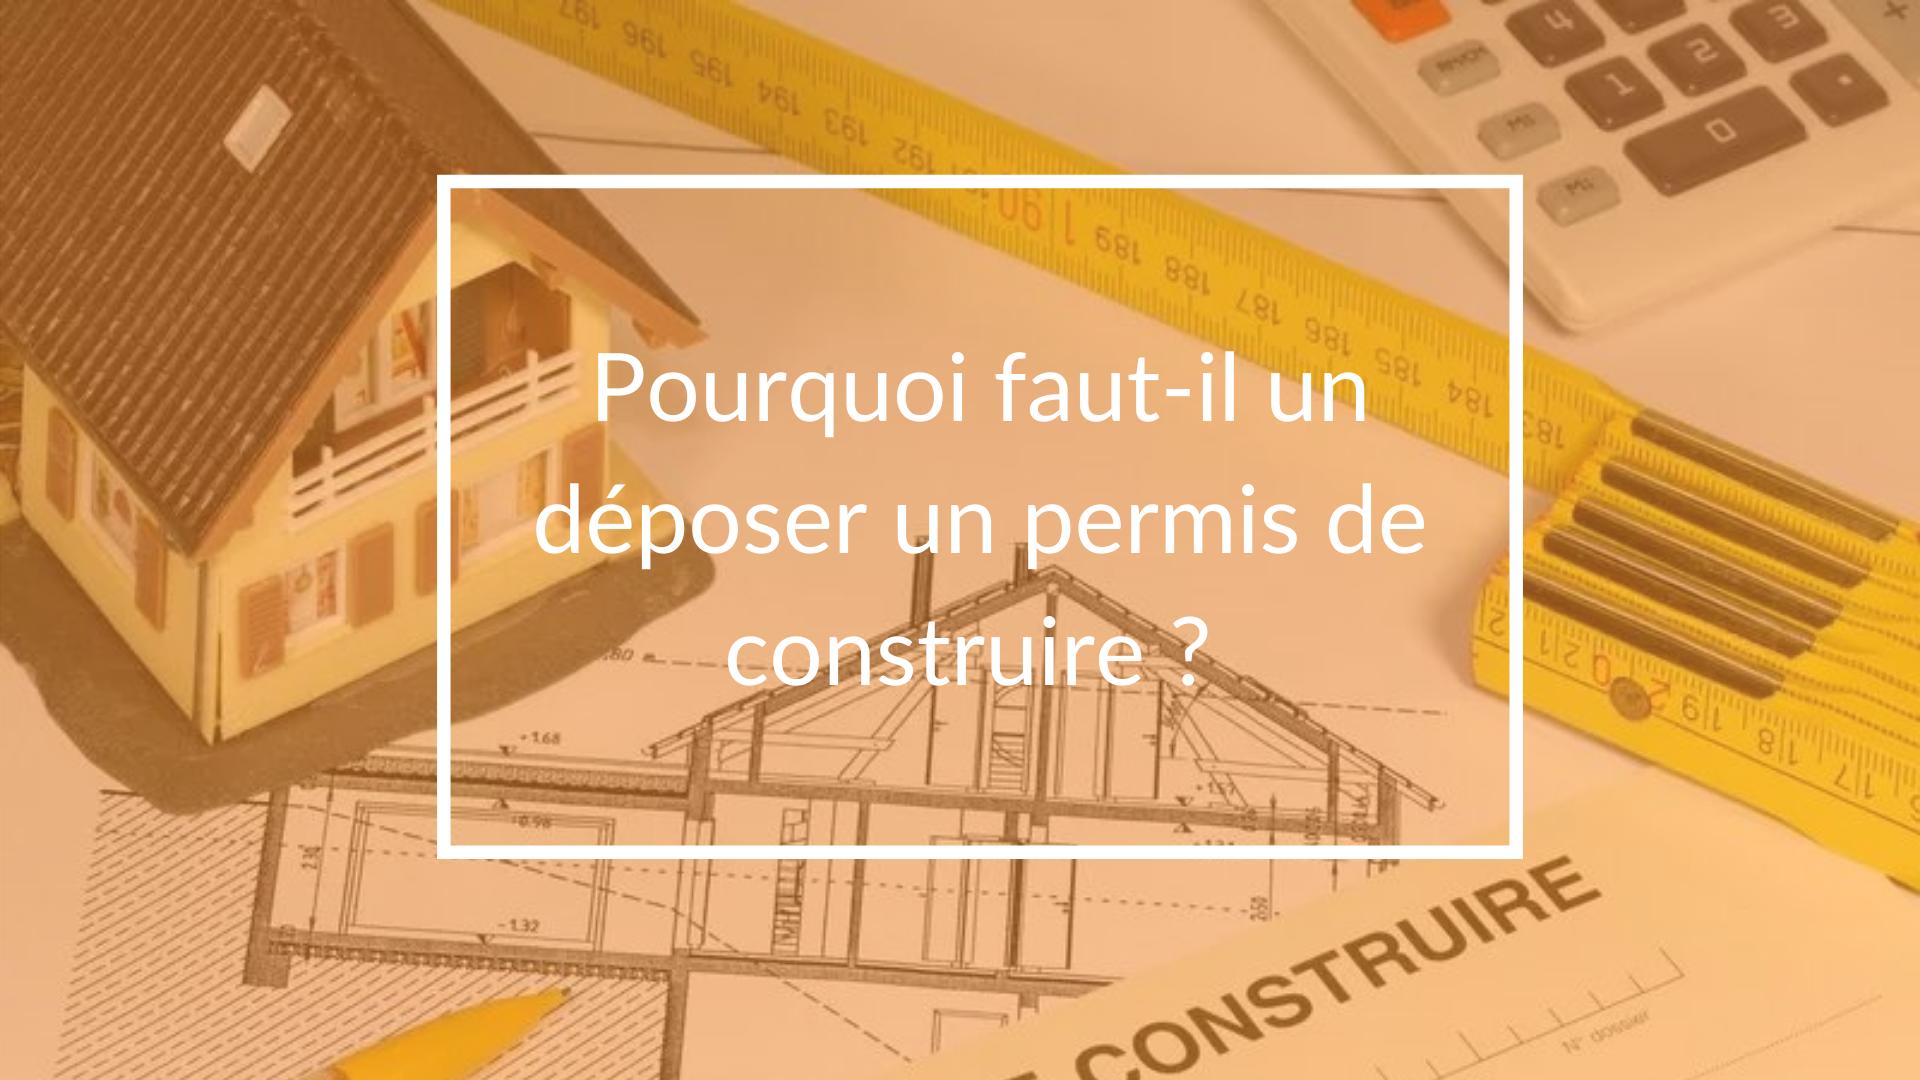 Pourquoi faut-il déposer un permis de construire ?